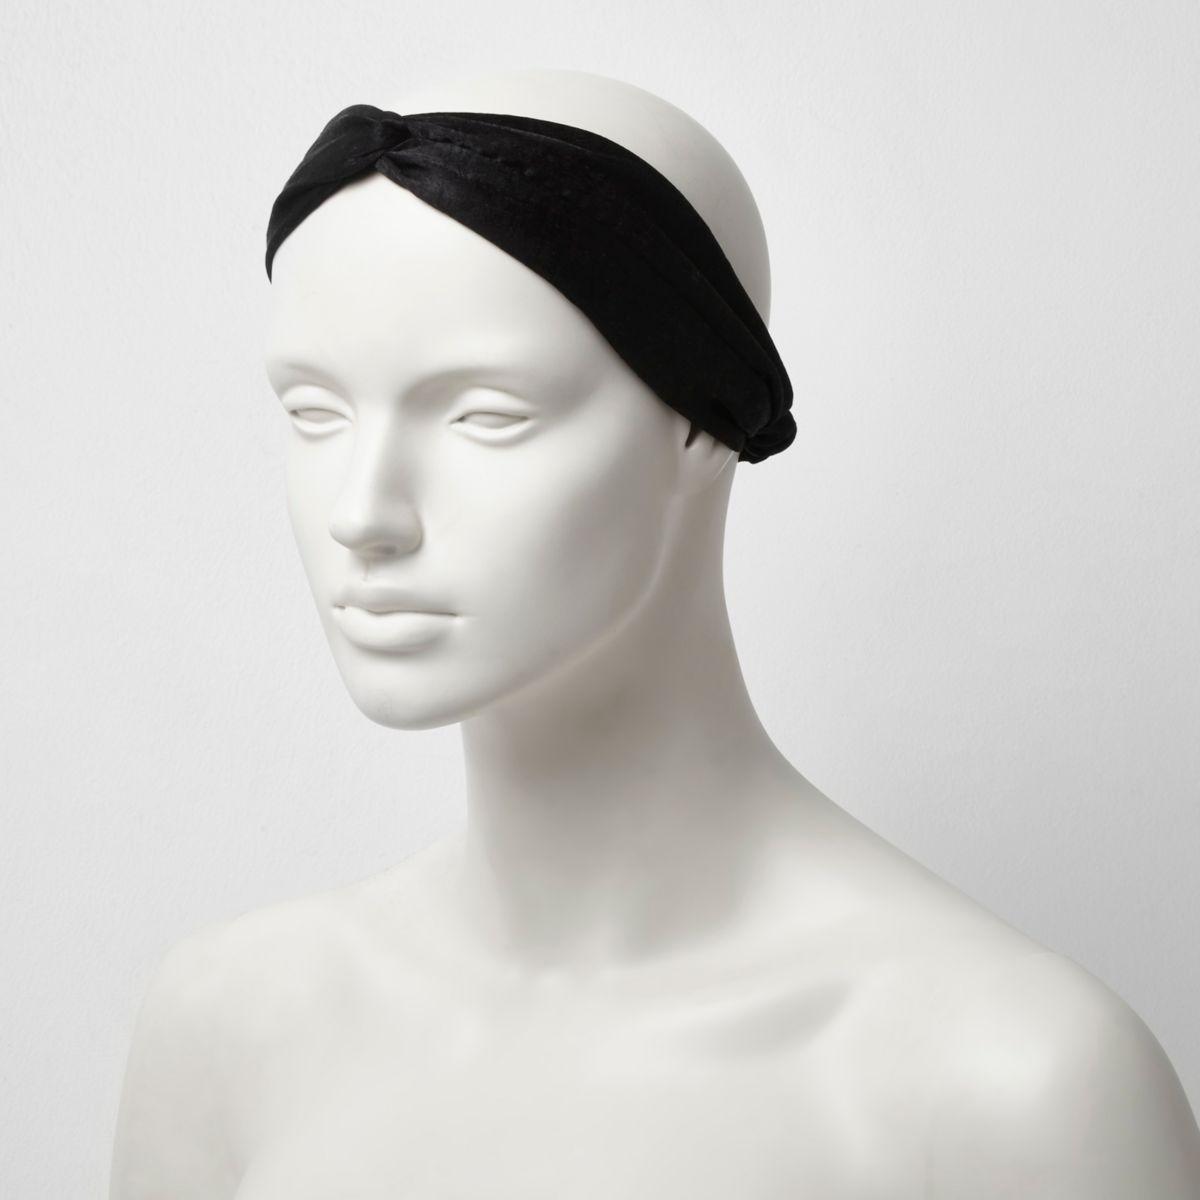 Black turban hair band